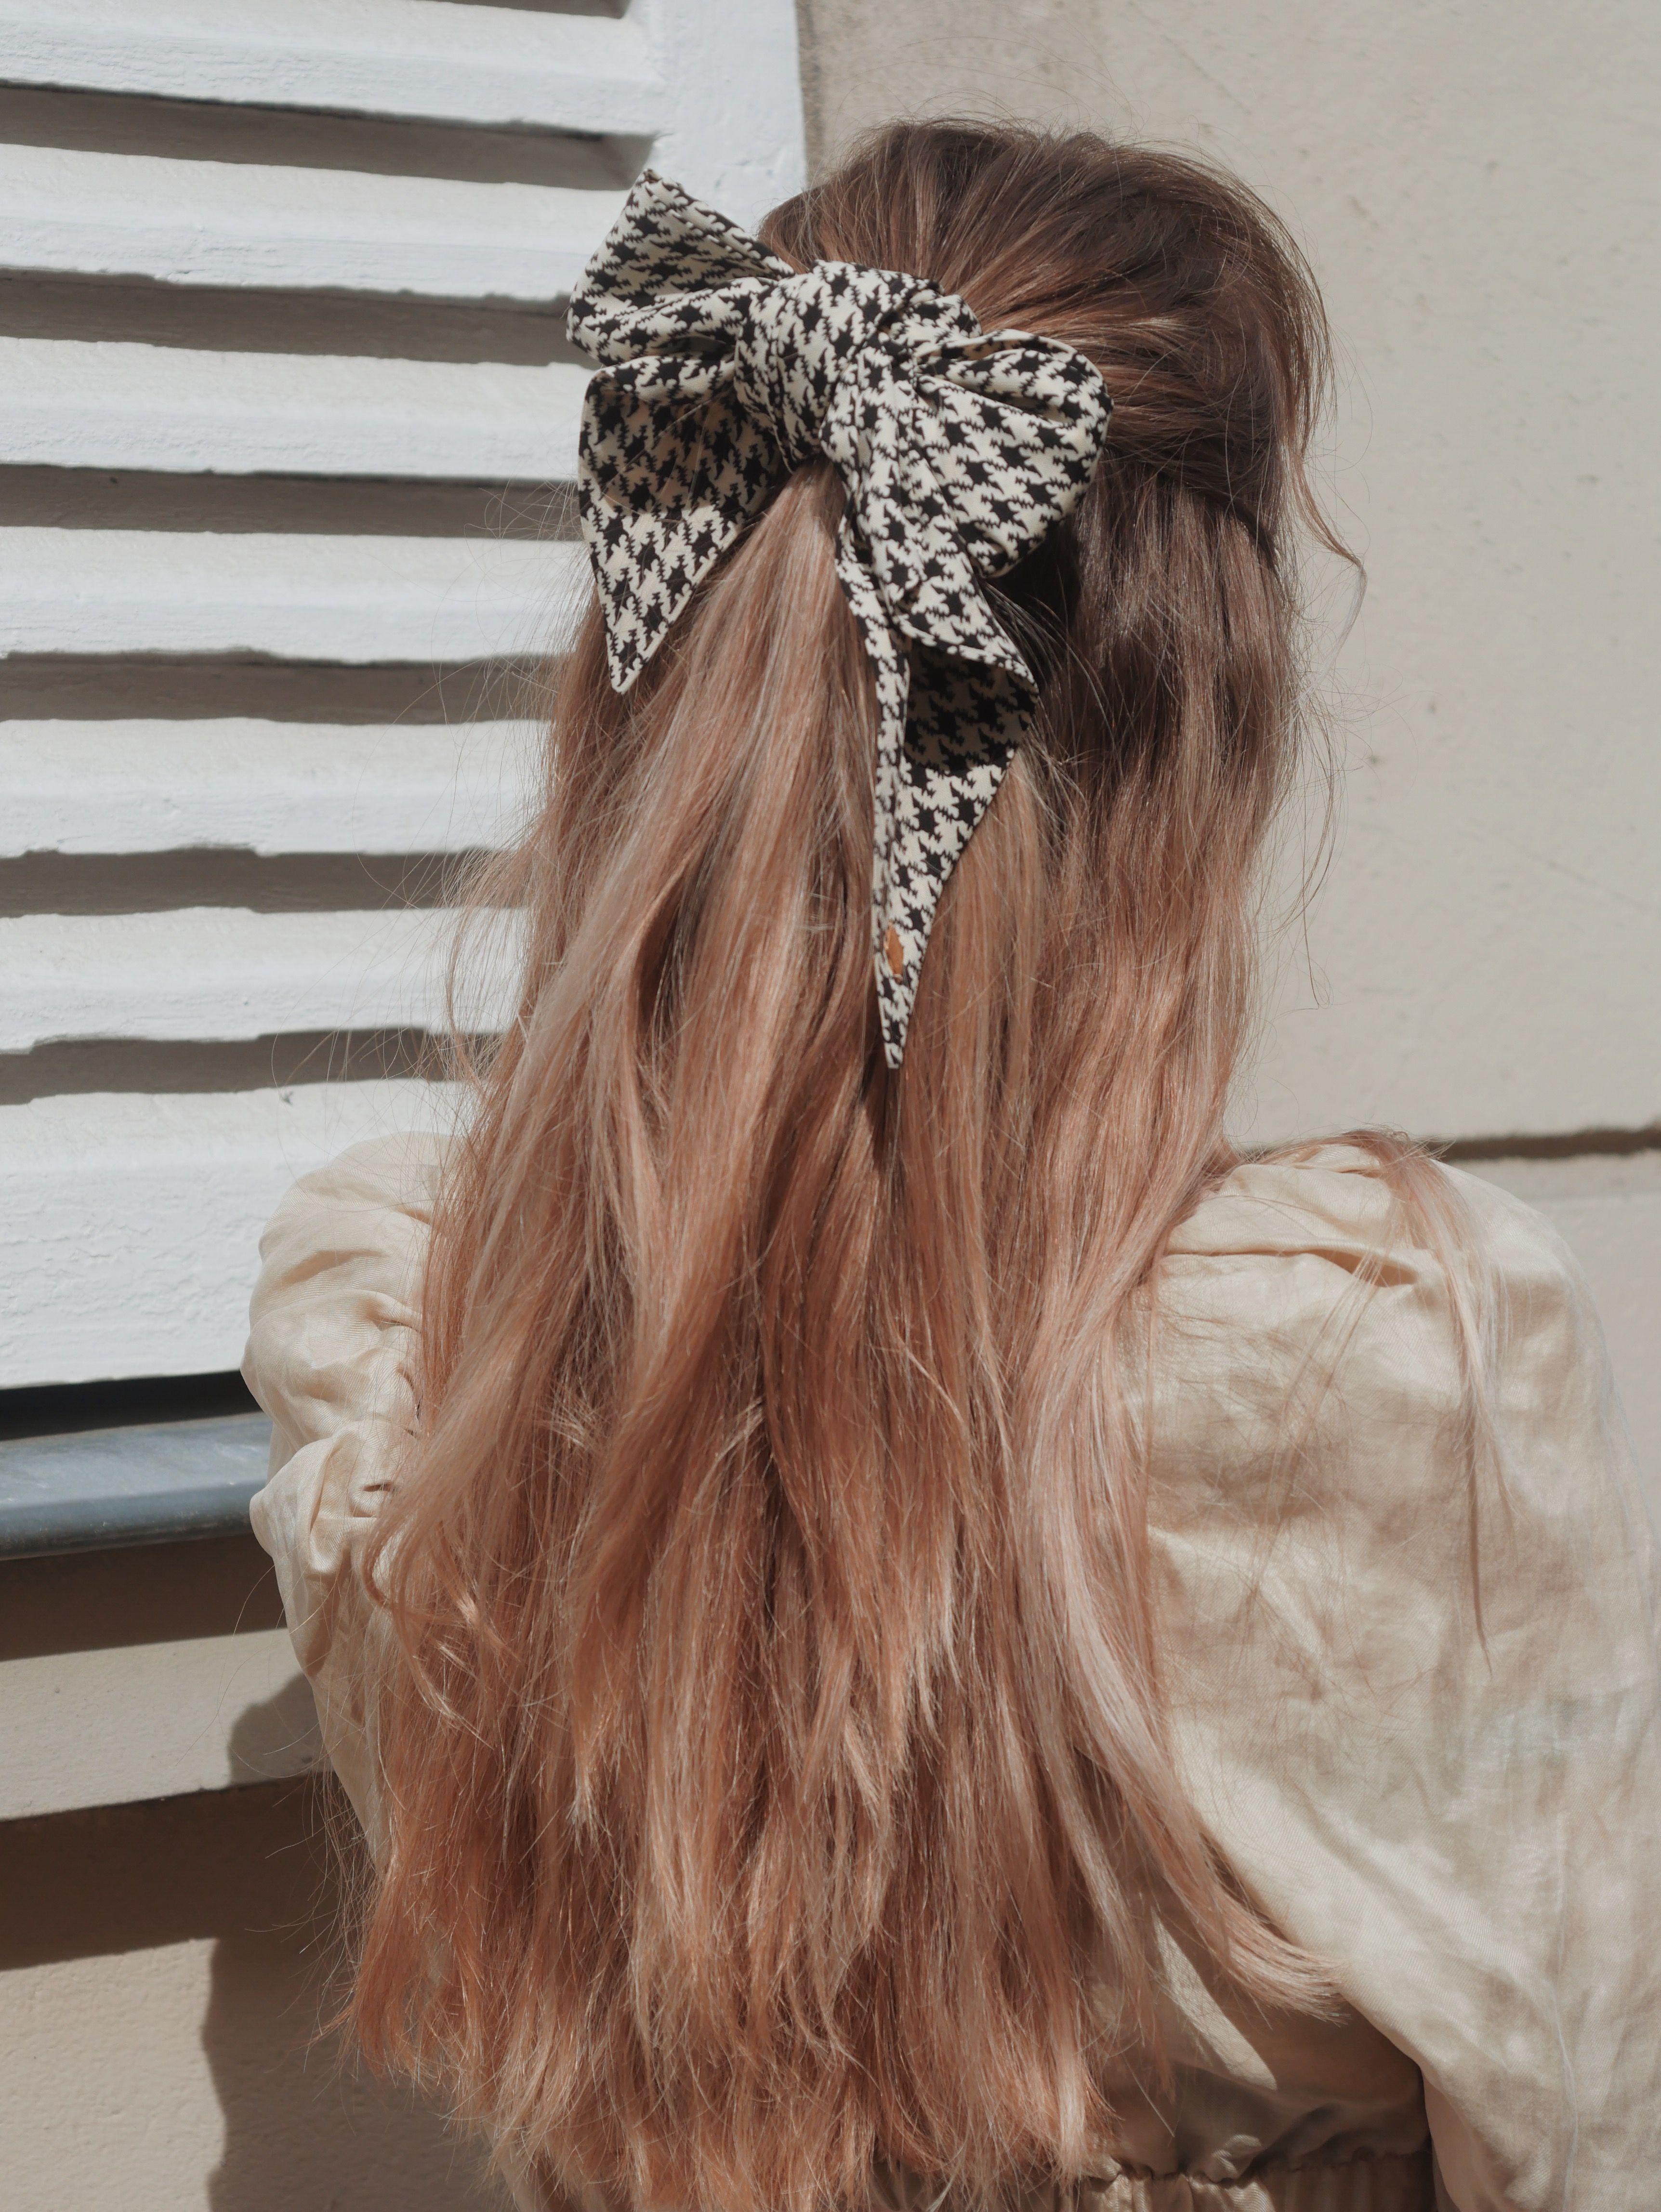 Haircuttypes Haircut Types For Women En 2020 Extensions De Cheveux Longueur De Cheveux Produits Capillaires